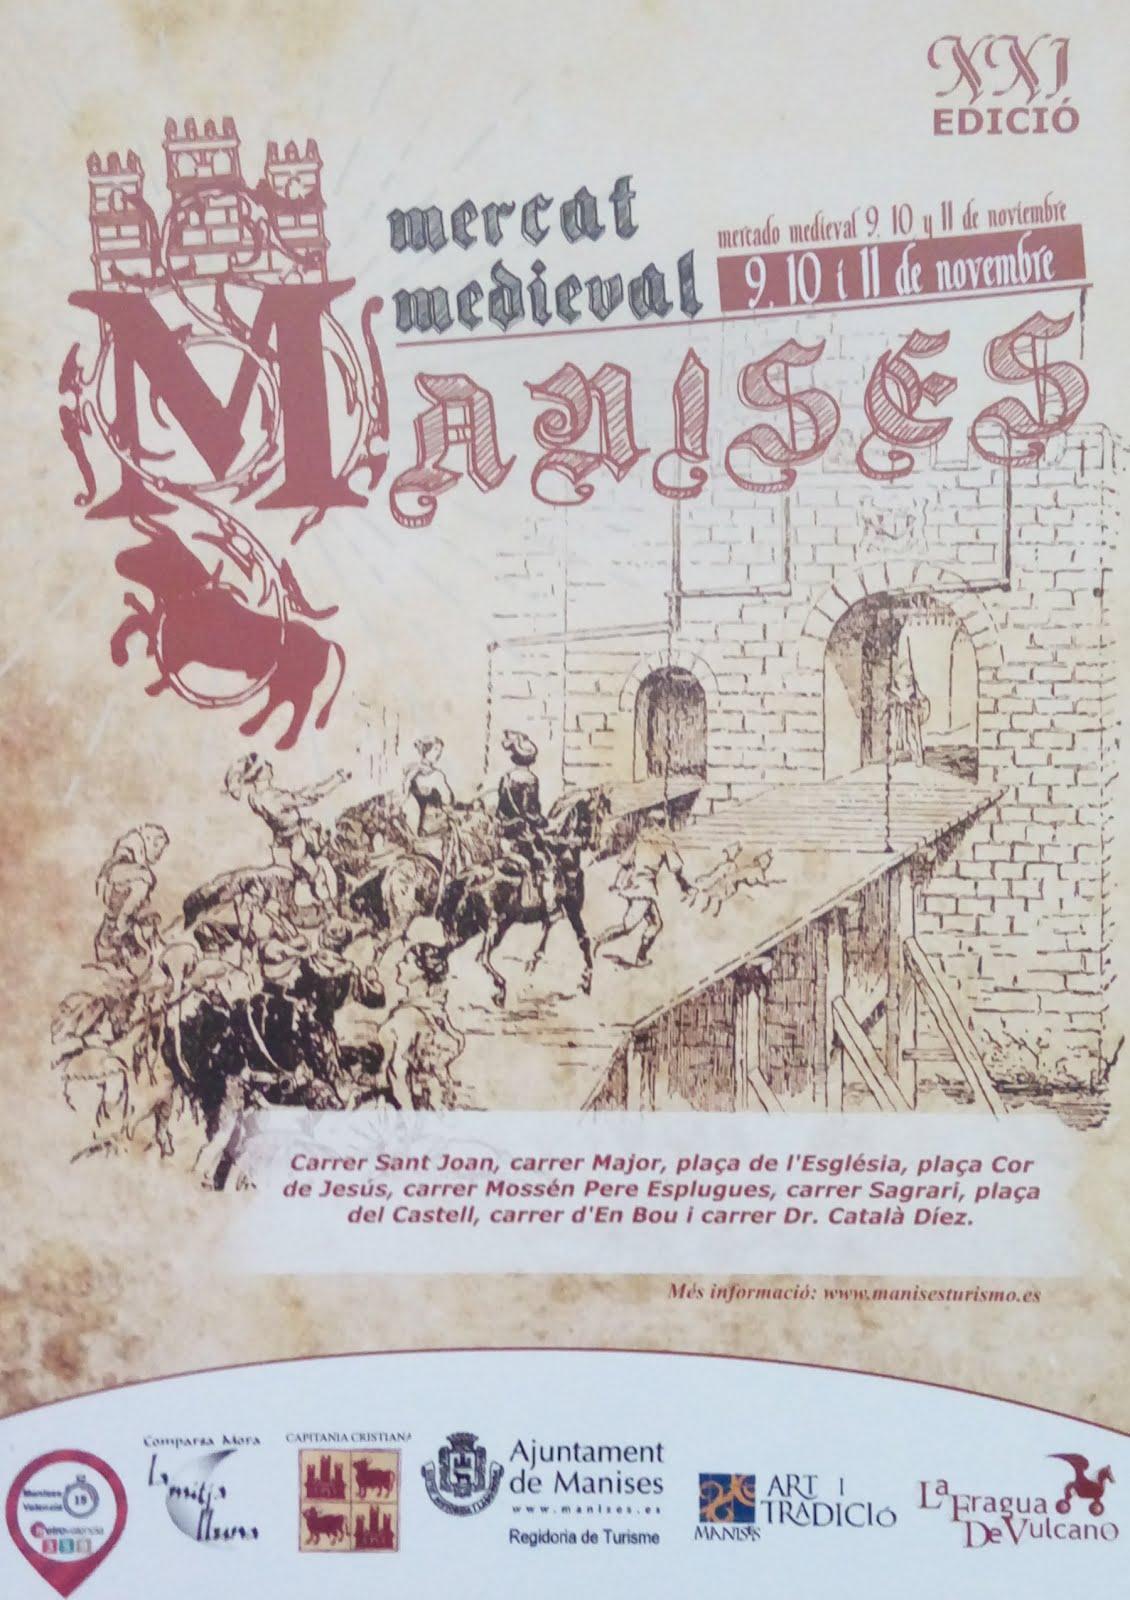 09.11.18 MERCAT MIGEVAL PELS CARRES DEL CENTRE HISTÒRIC DE MANISES